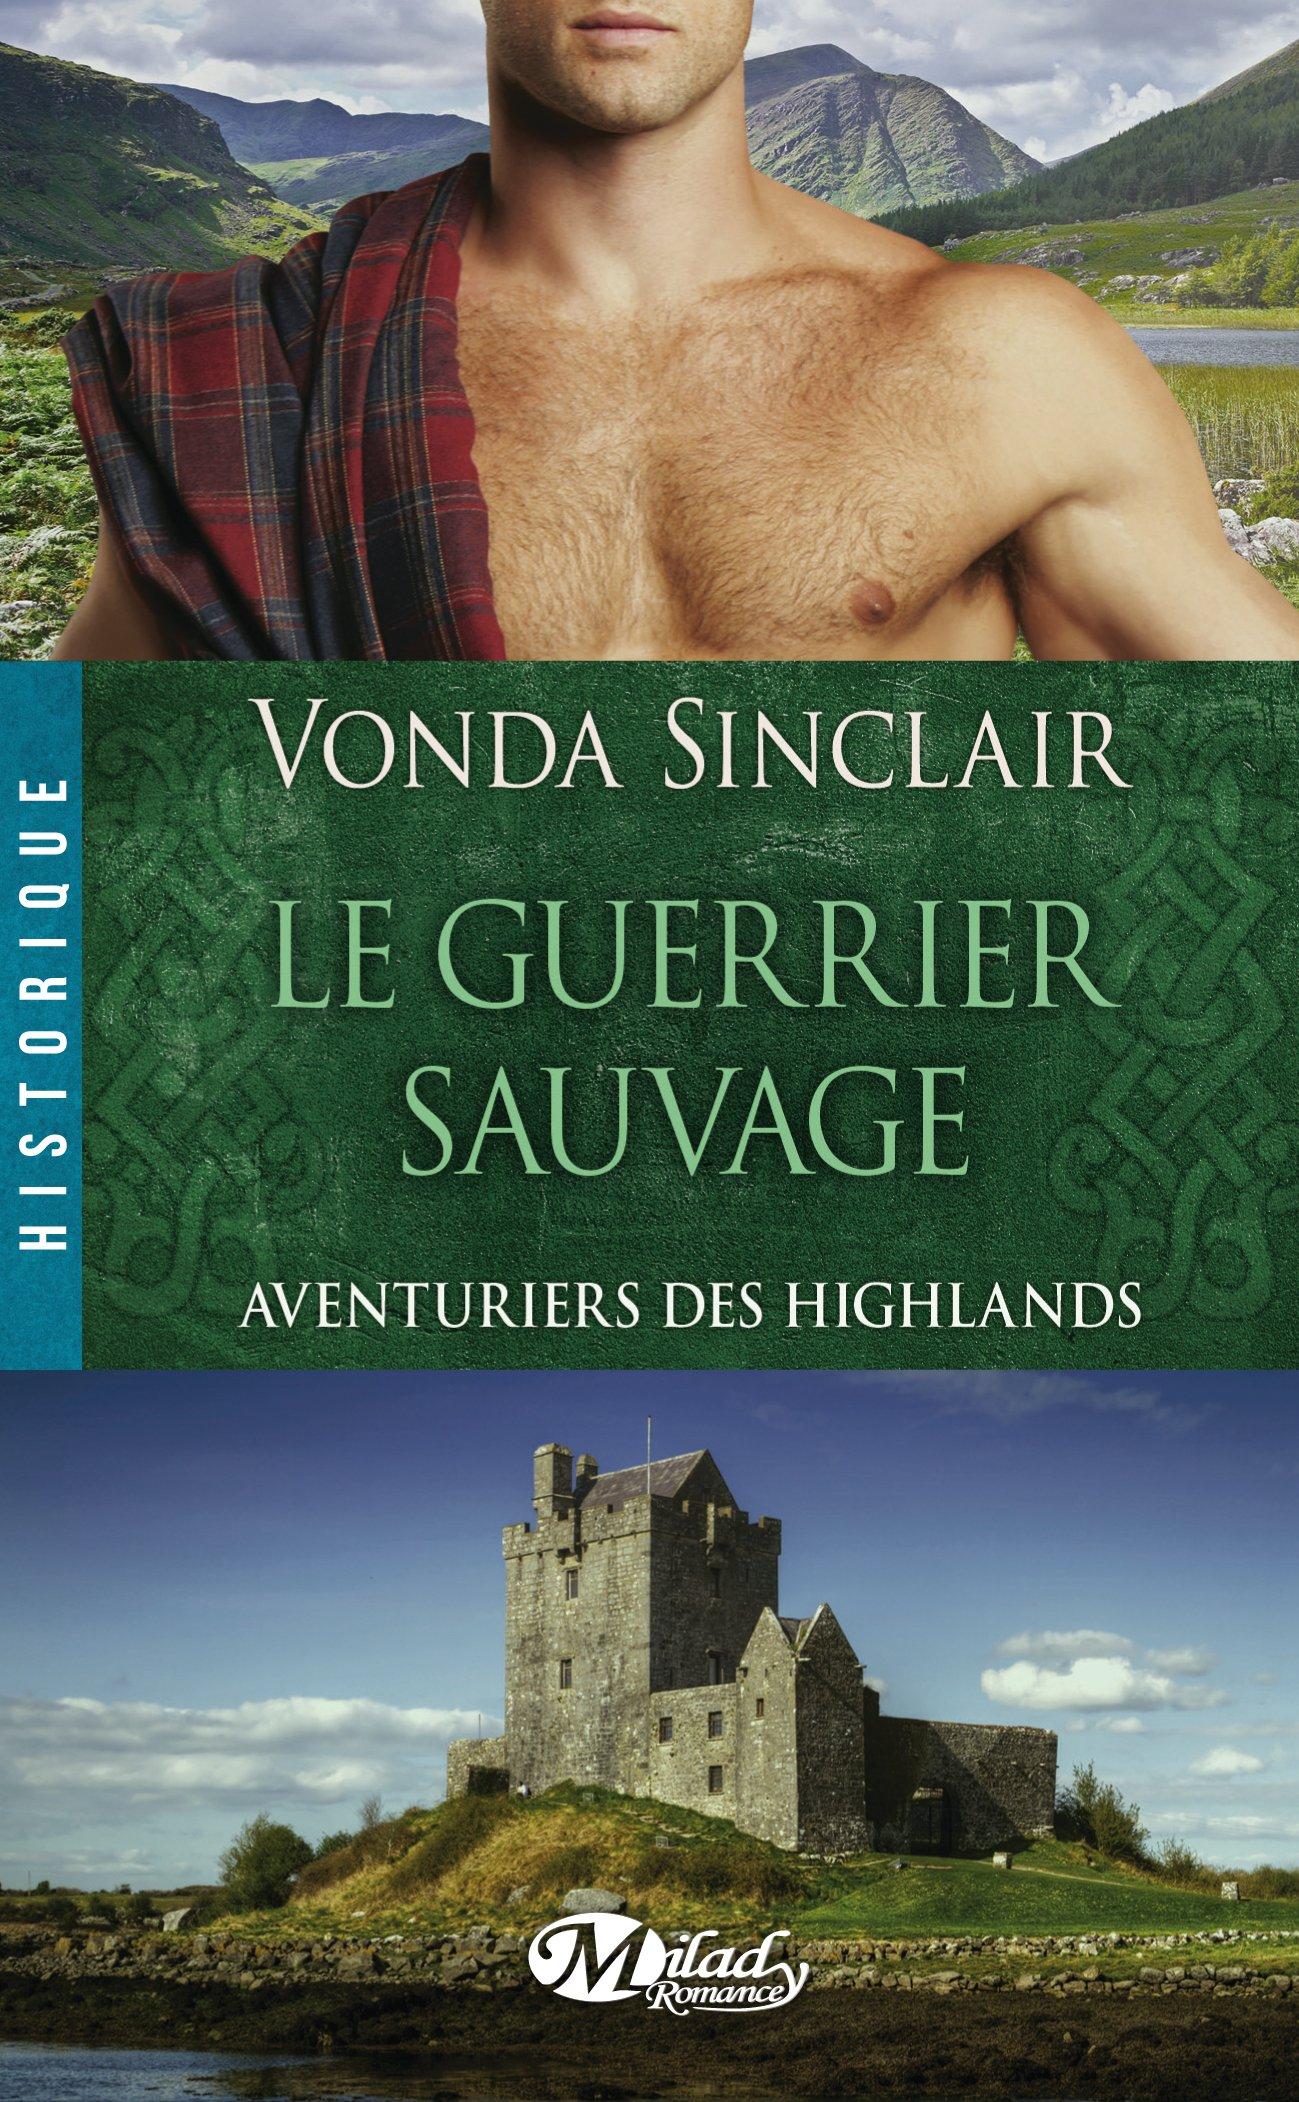 vonda sinclair - Aventuriers des Highlands - Tome 1 : Le Guerrier Sauvage de Vonda Sinclair 91CE8iunSIL